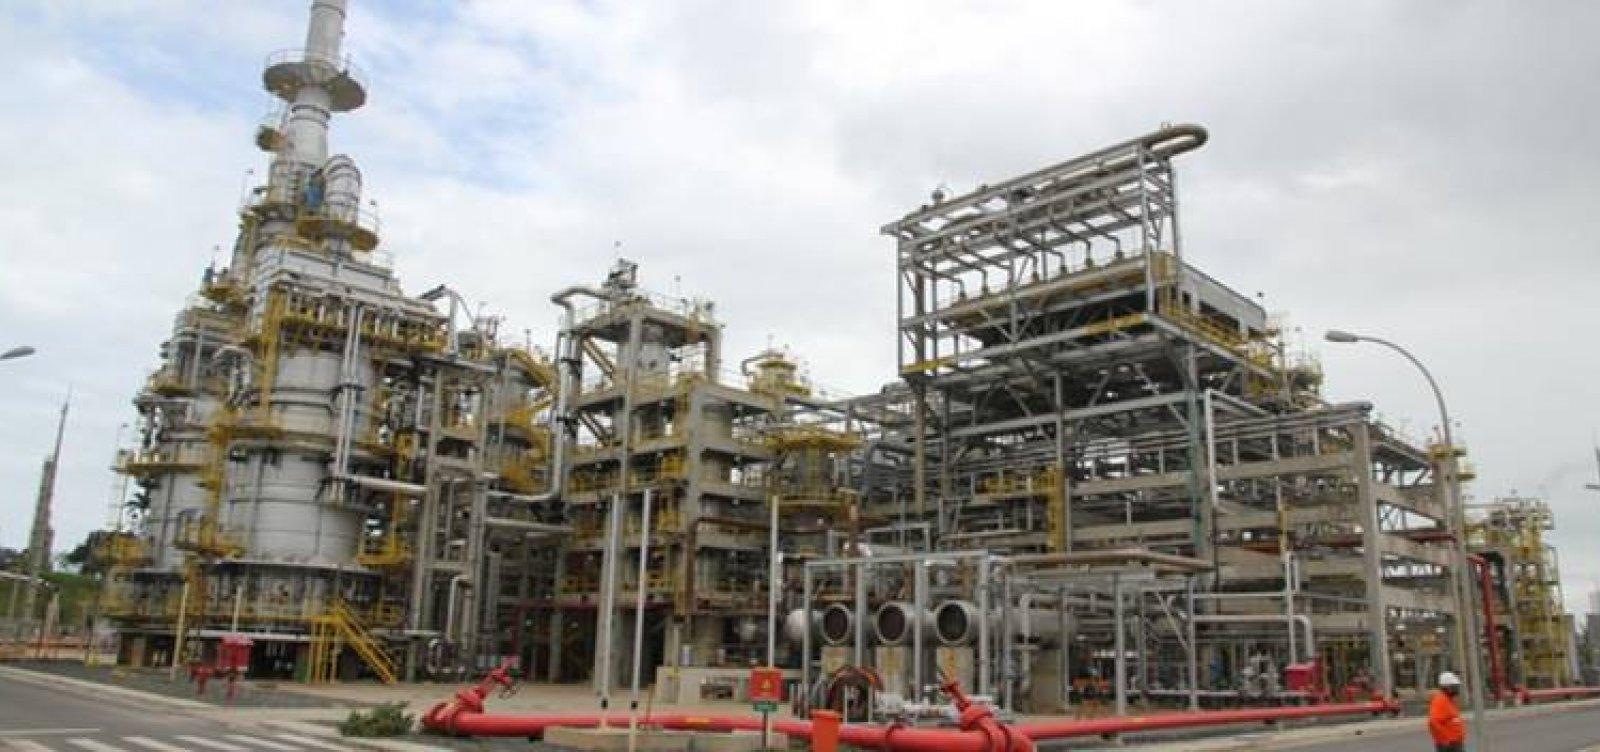 [Ato em refinaria do Recôncavo marcará primeiro dia de greve dos petroleiros da Bahia nesta quinta ]